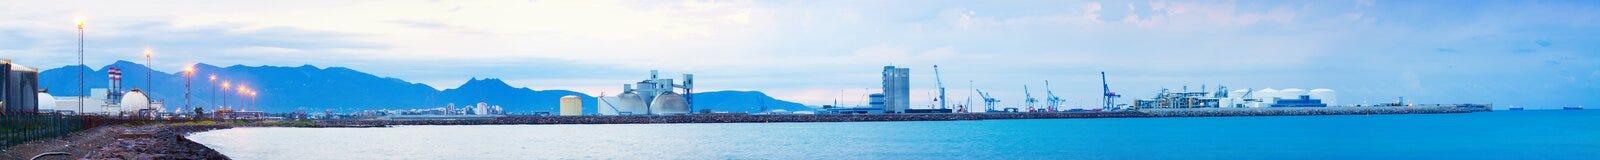 Panarama di Puerto de Castellon - porto industriale Immagini Stock